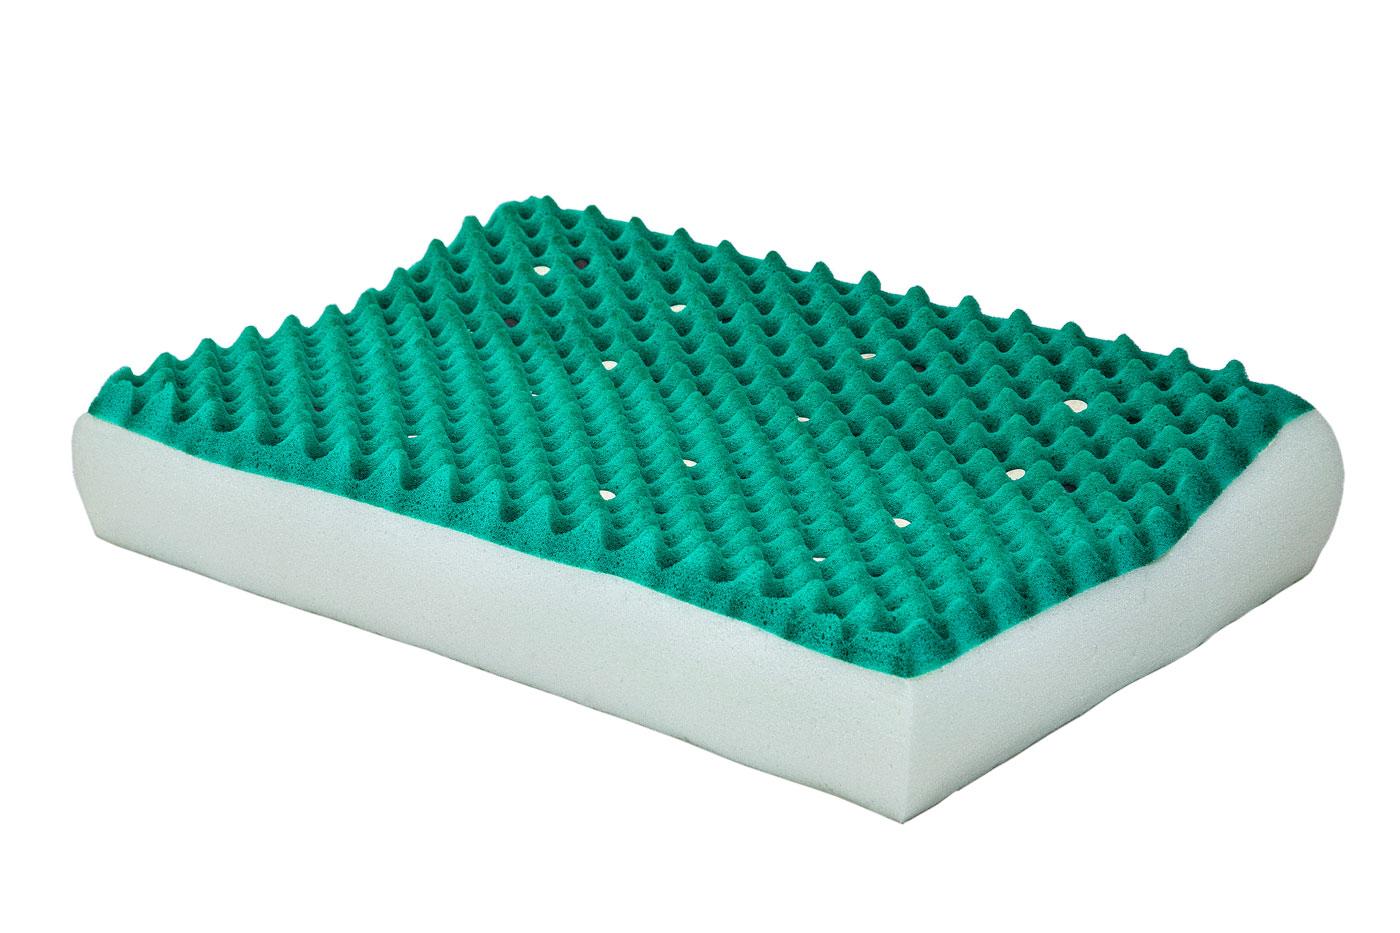 Travesseiro Magnético Kenko Premium Anatômico Camadas Ajustáveis  - Kenko Premium Colchões